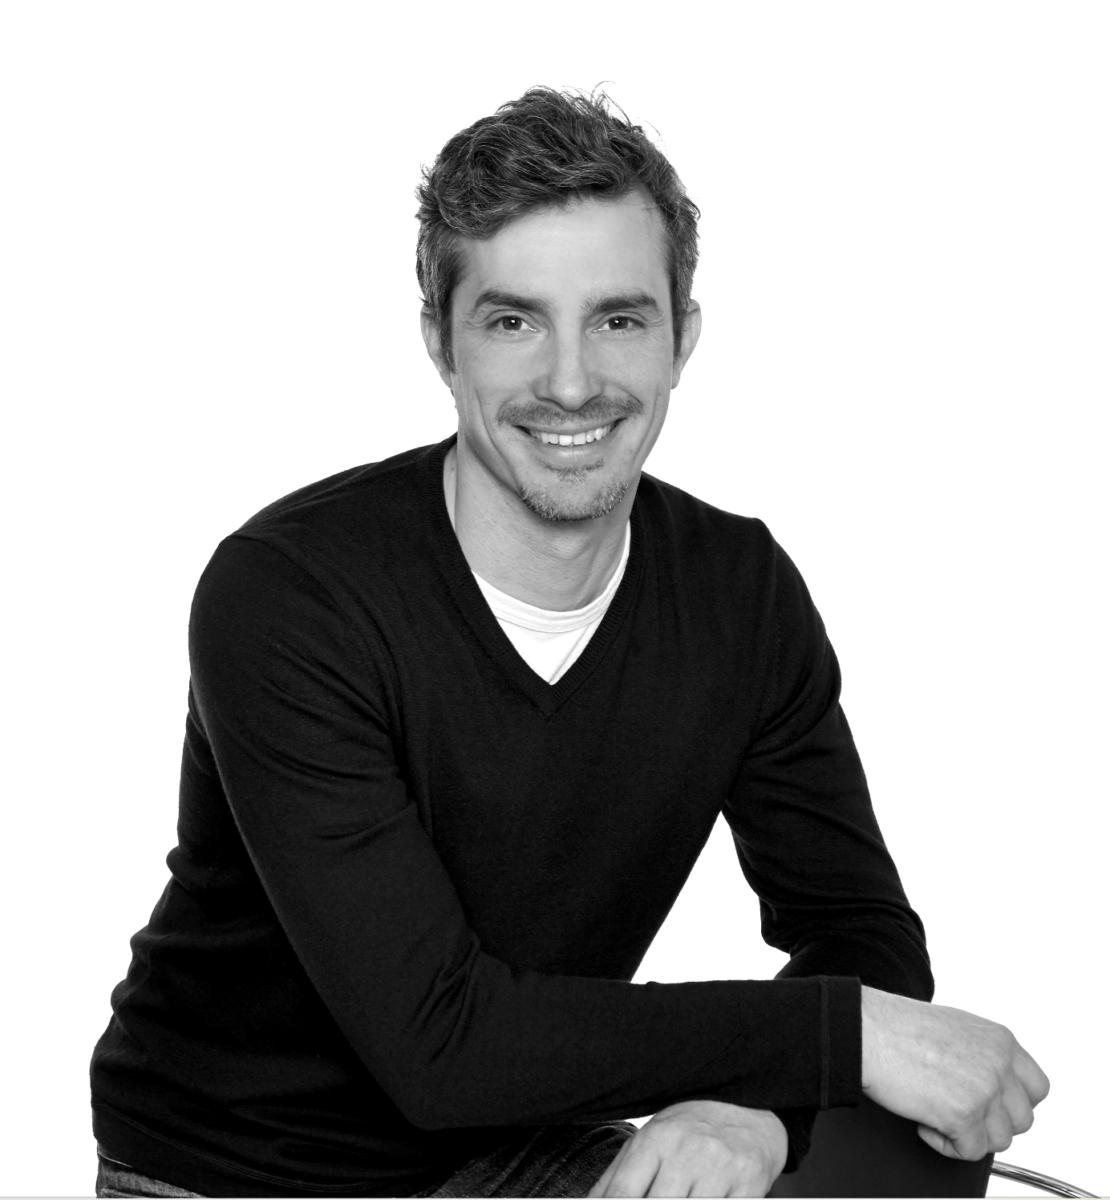 Marc Uhlig